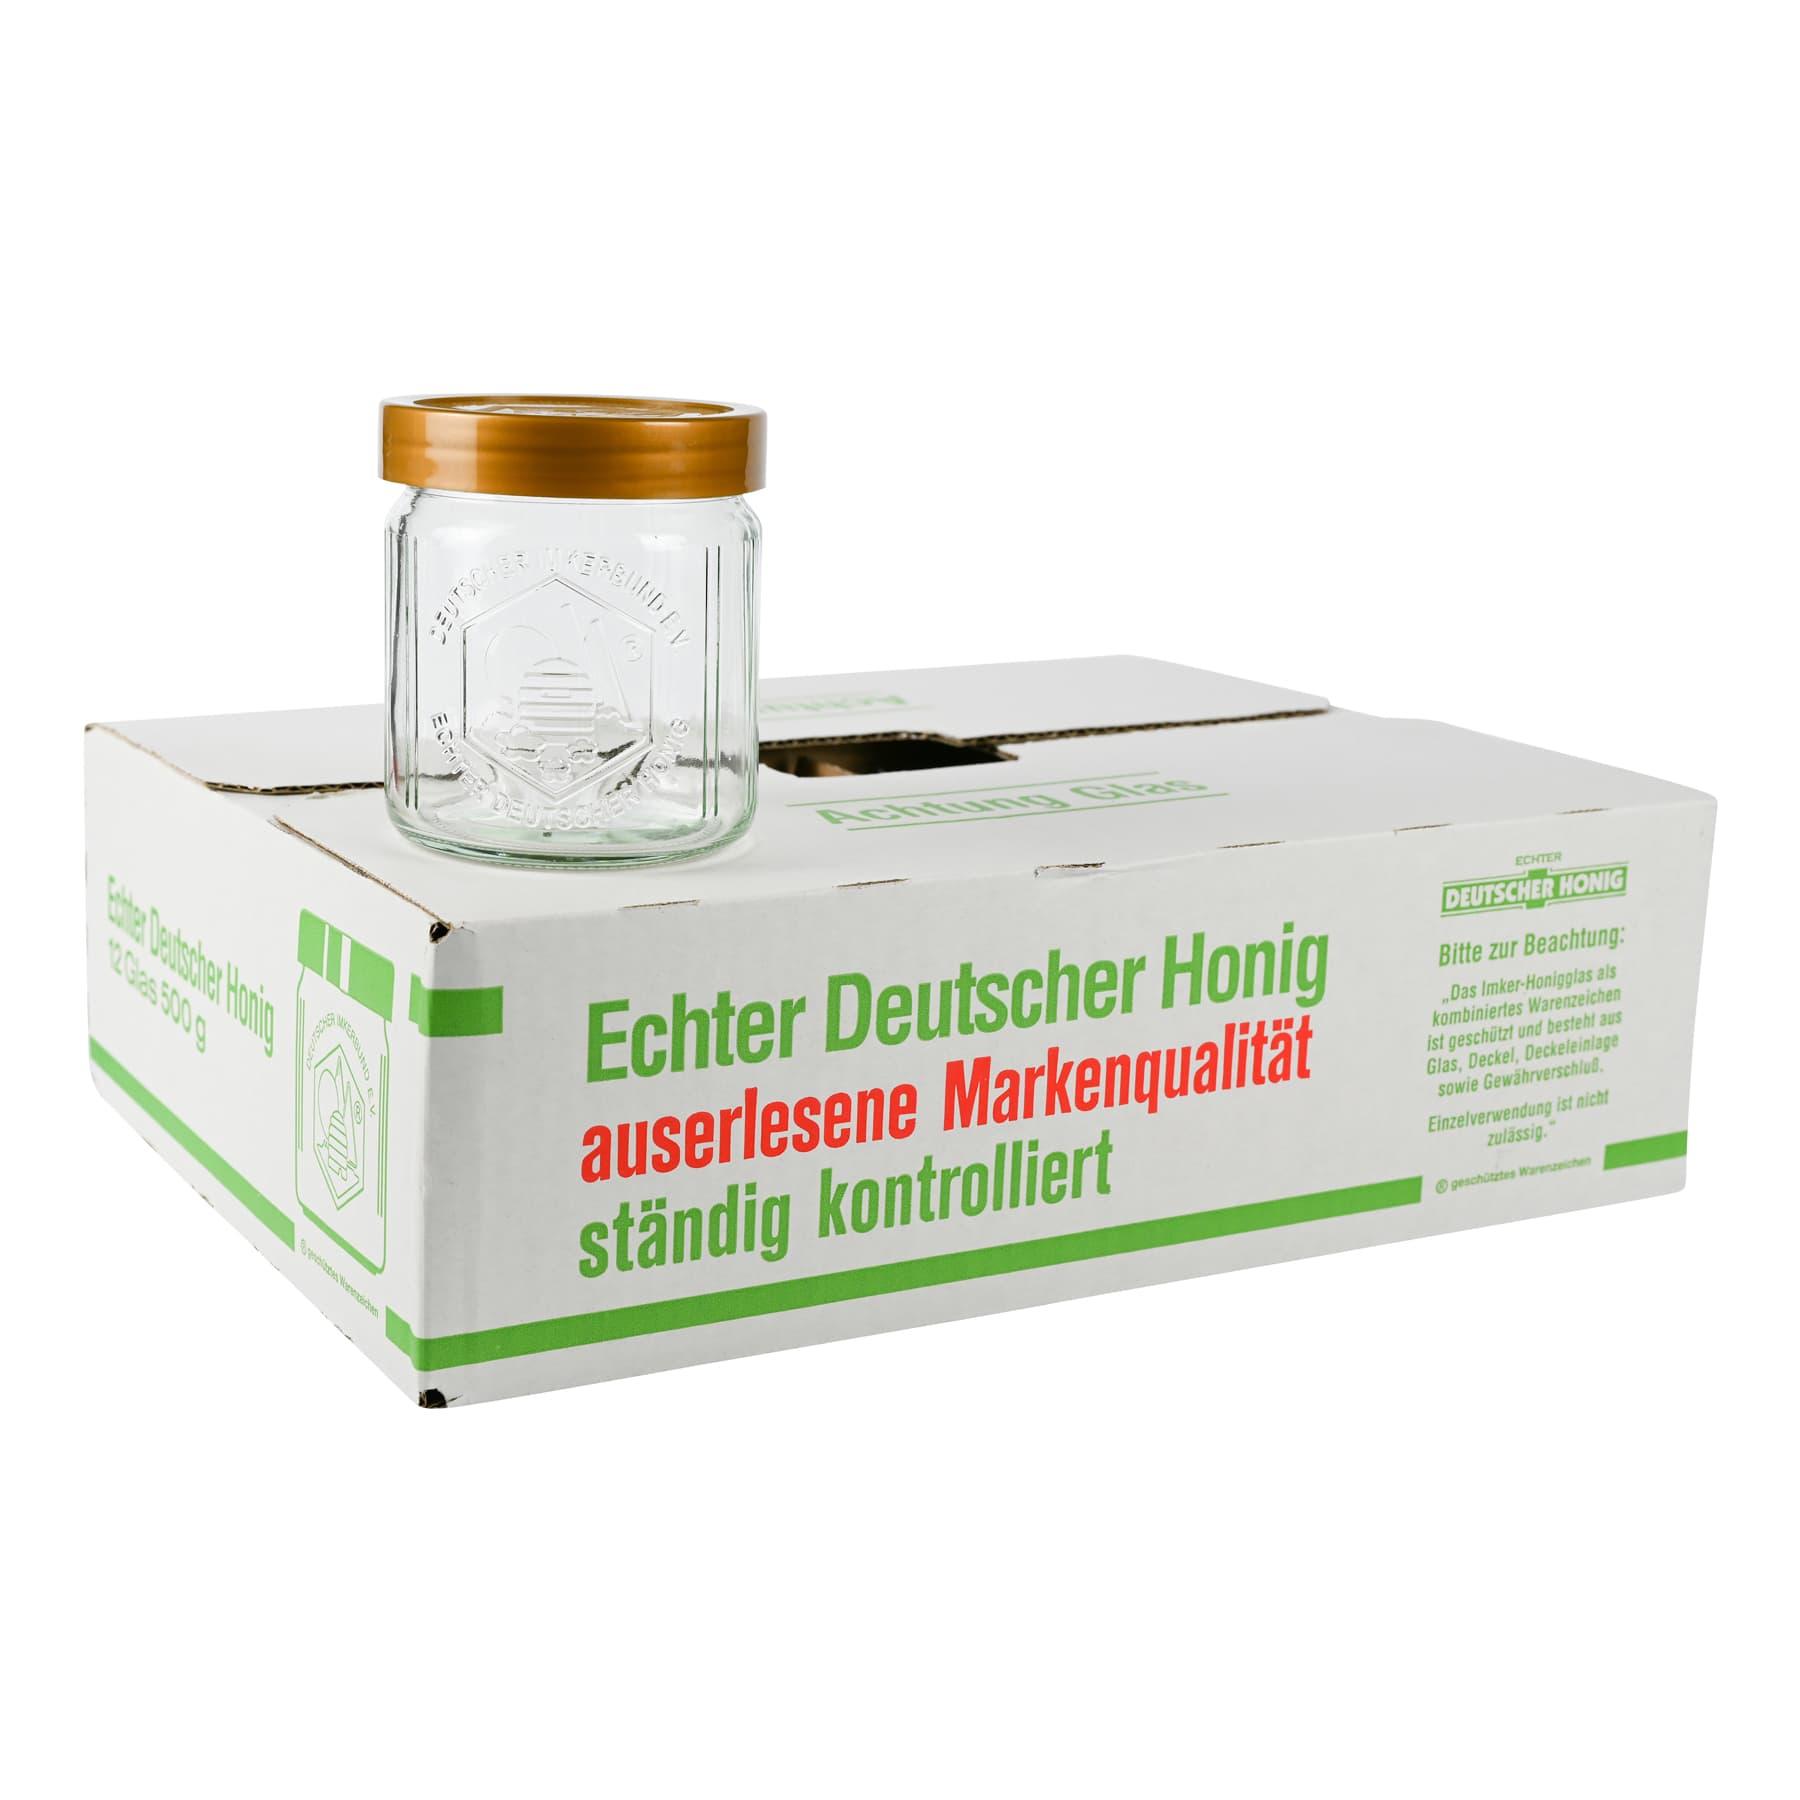 DIB - Glas 500 g inkl. Deckel im Umkarton,  wir bieten diese nur nur Selbstabholung an